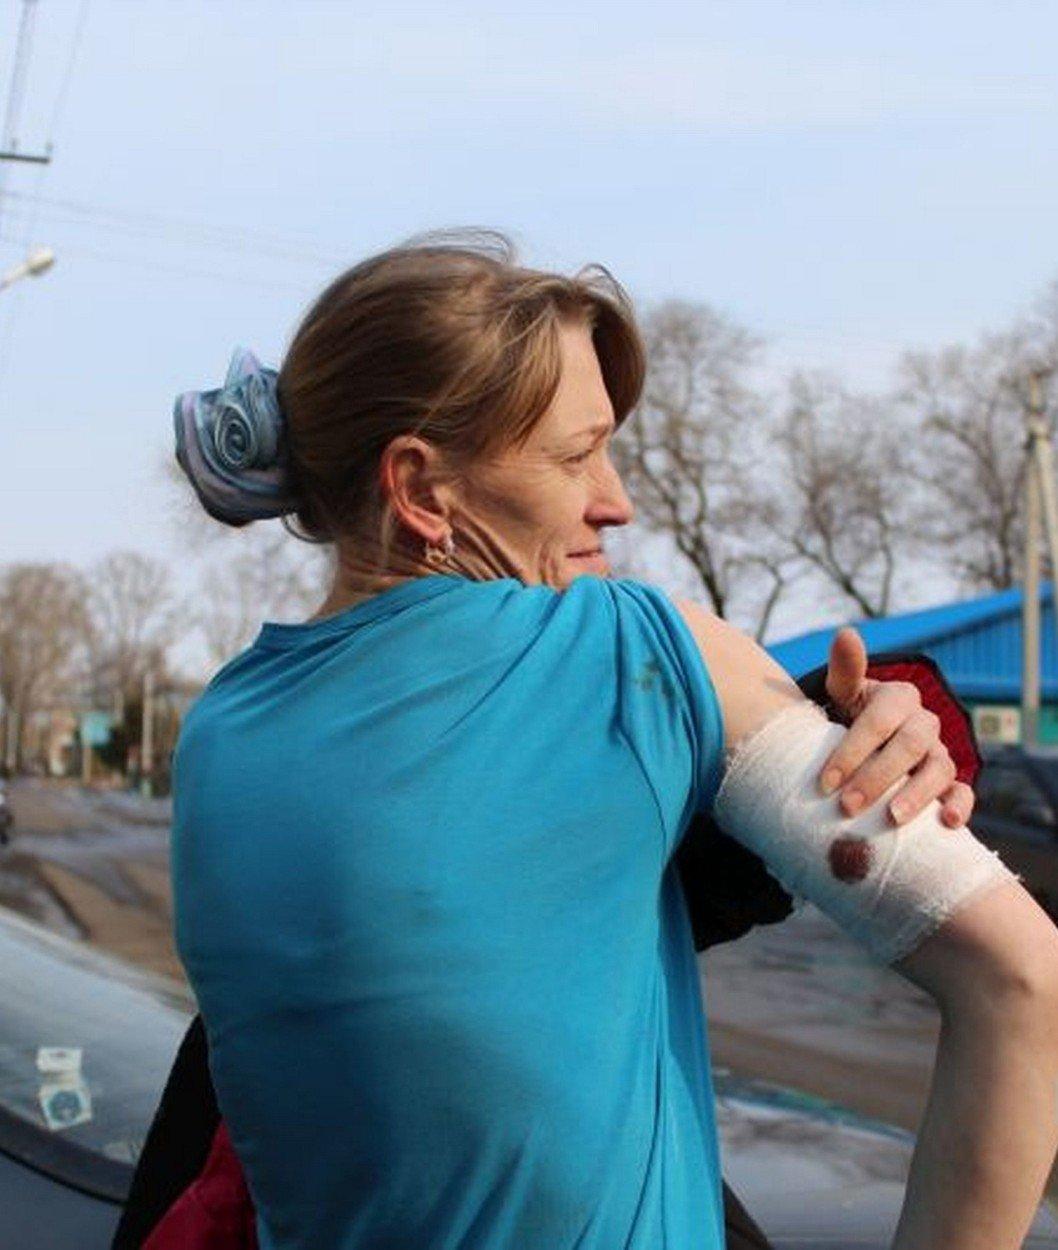 O mamă de 33 de ani şi-a salvat satul de un lup feroce care sfâşiase oameni şi animale